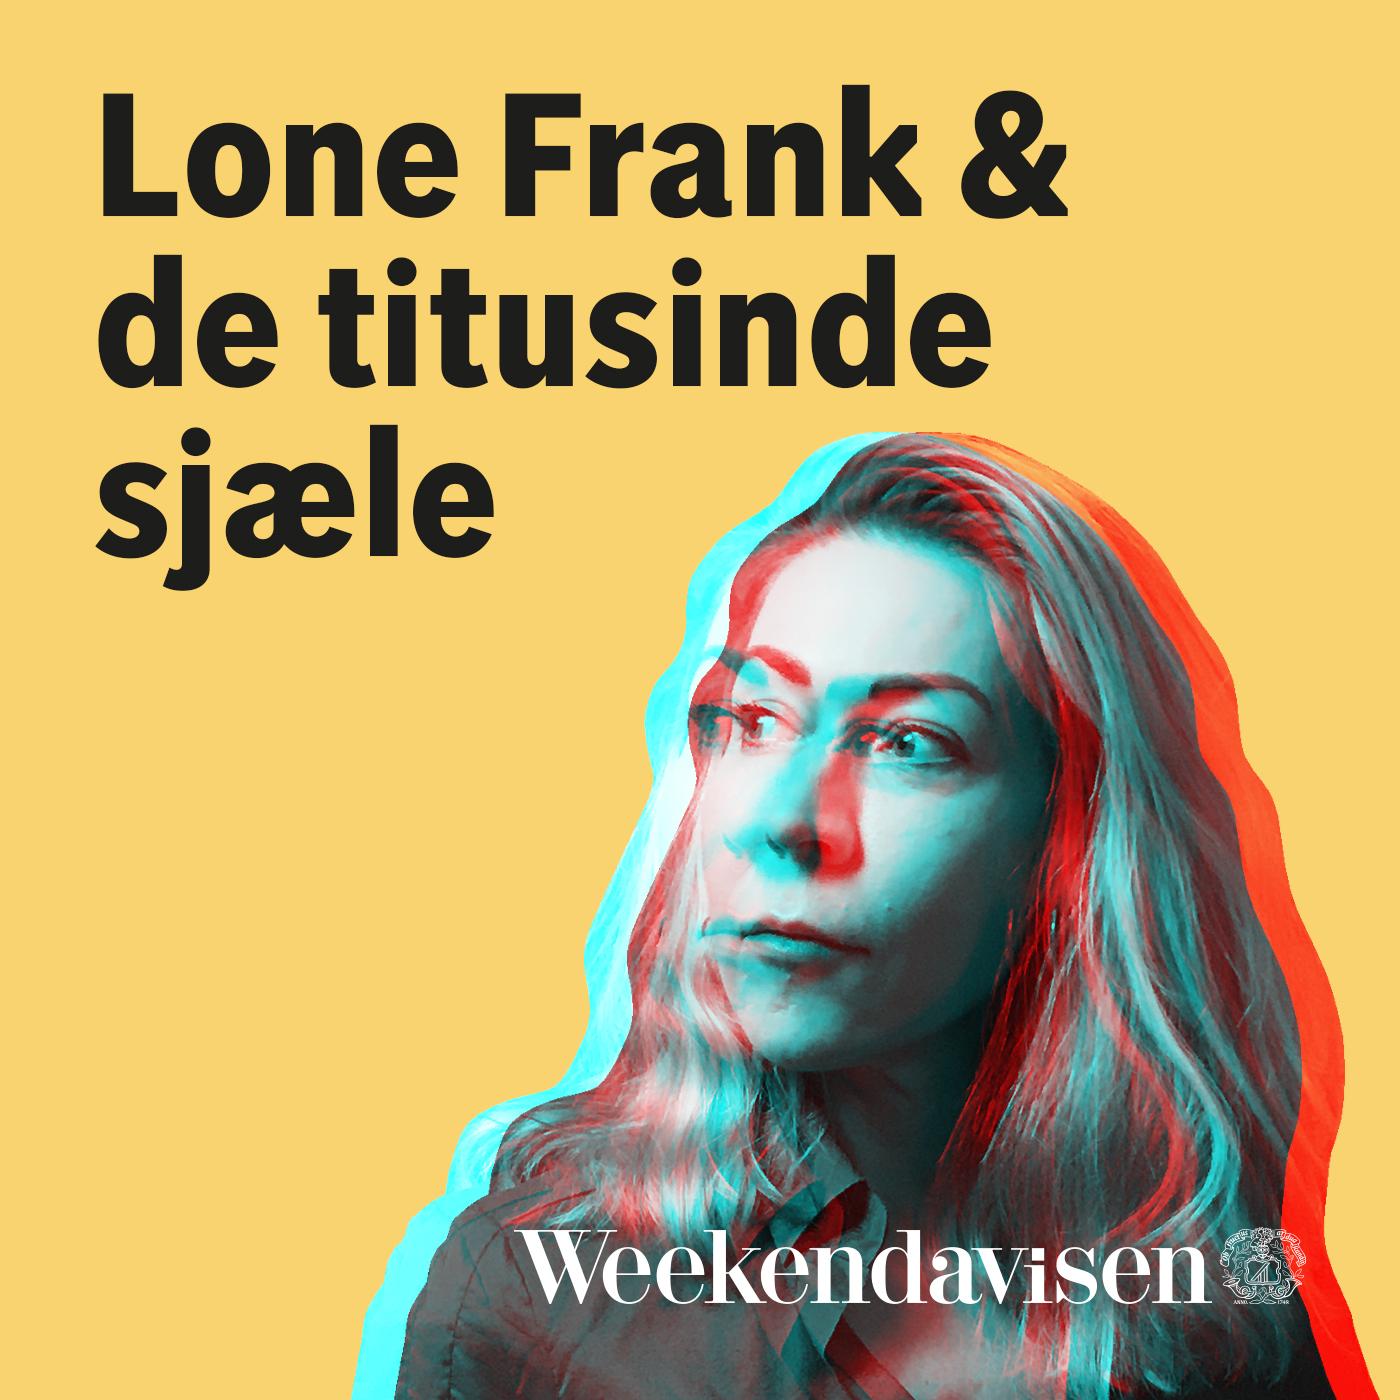 Lone Frank og de titusinde sjæle